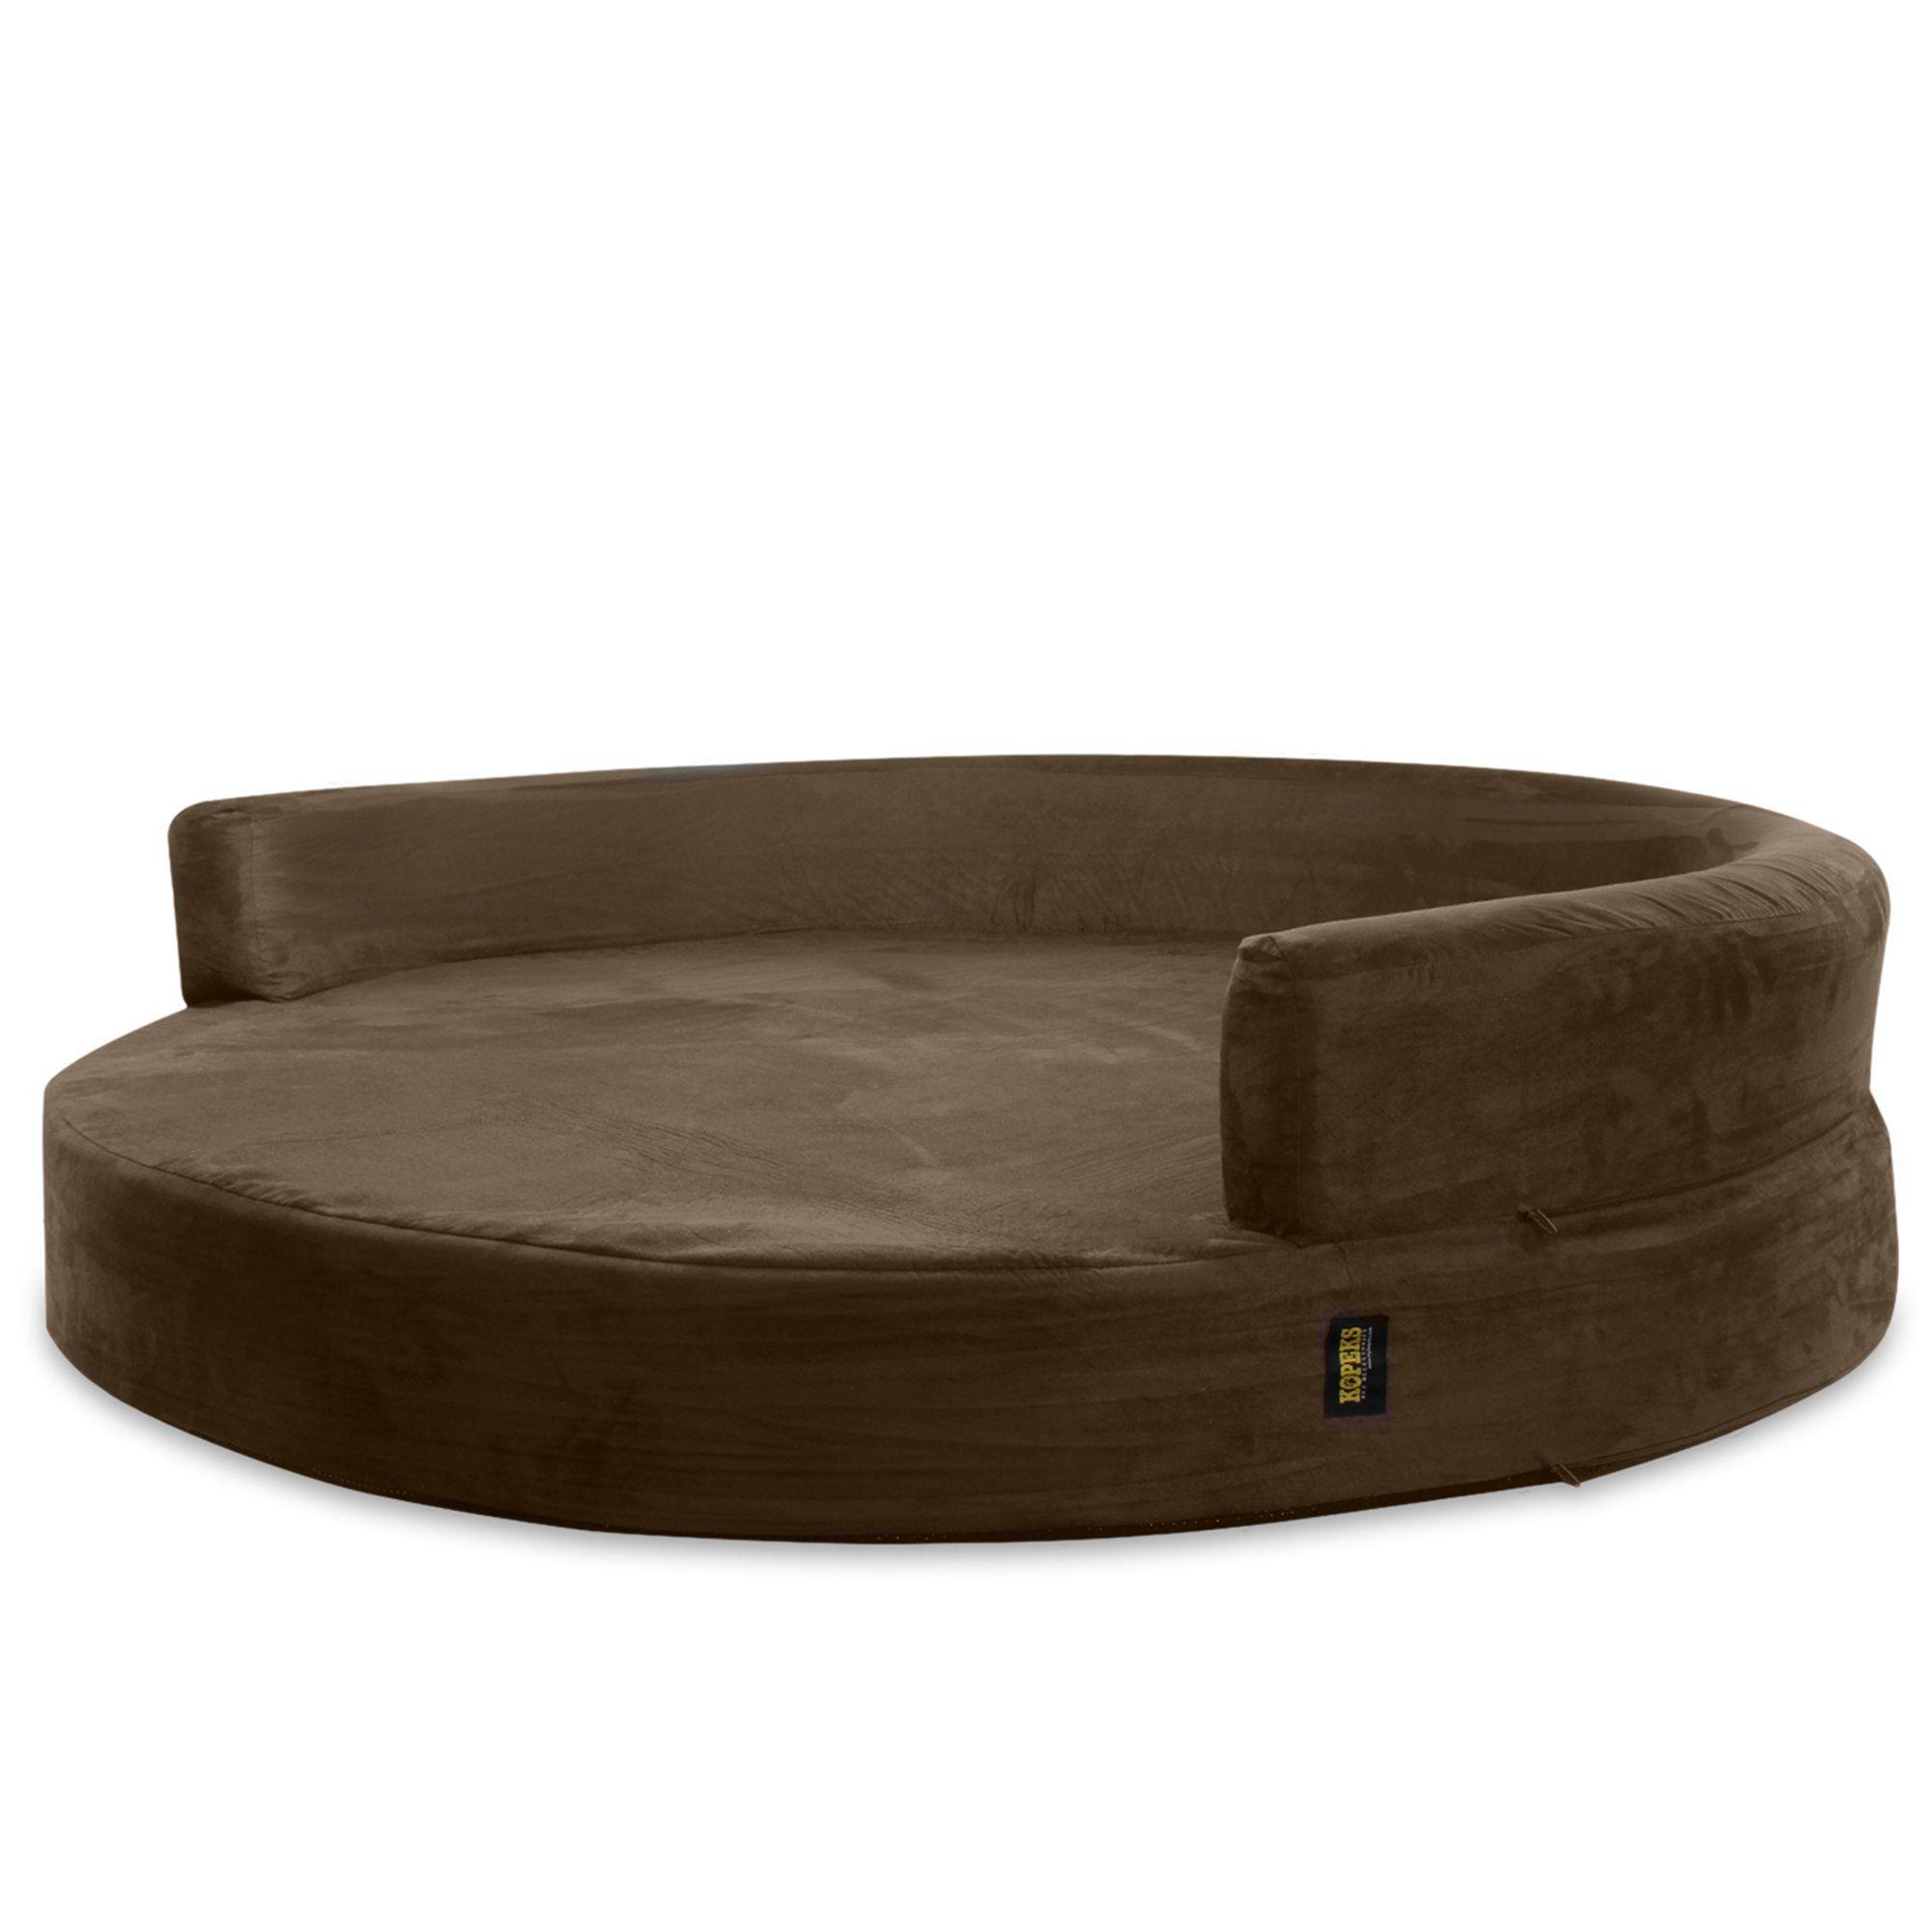 Kopeks Orthopedic Memory Foam Round Brown Sofa Bed for